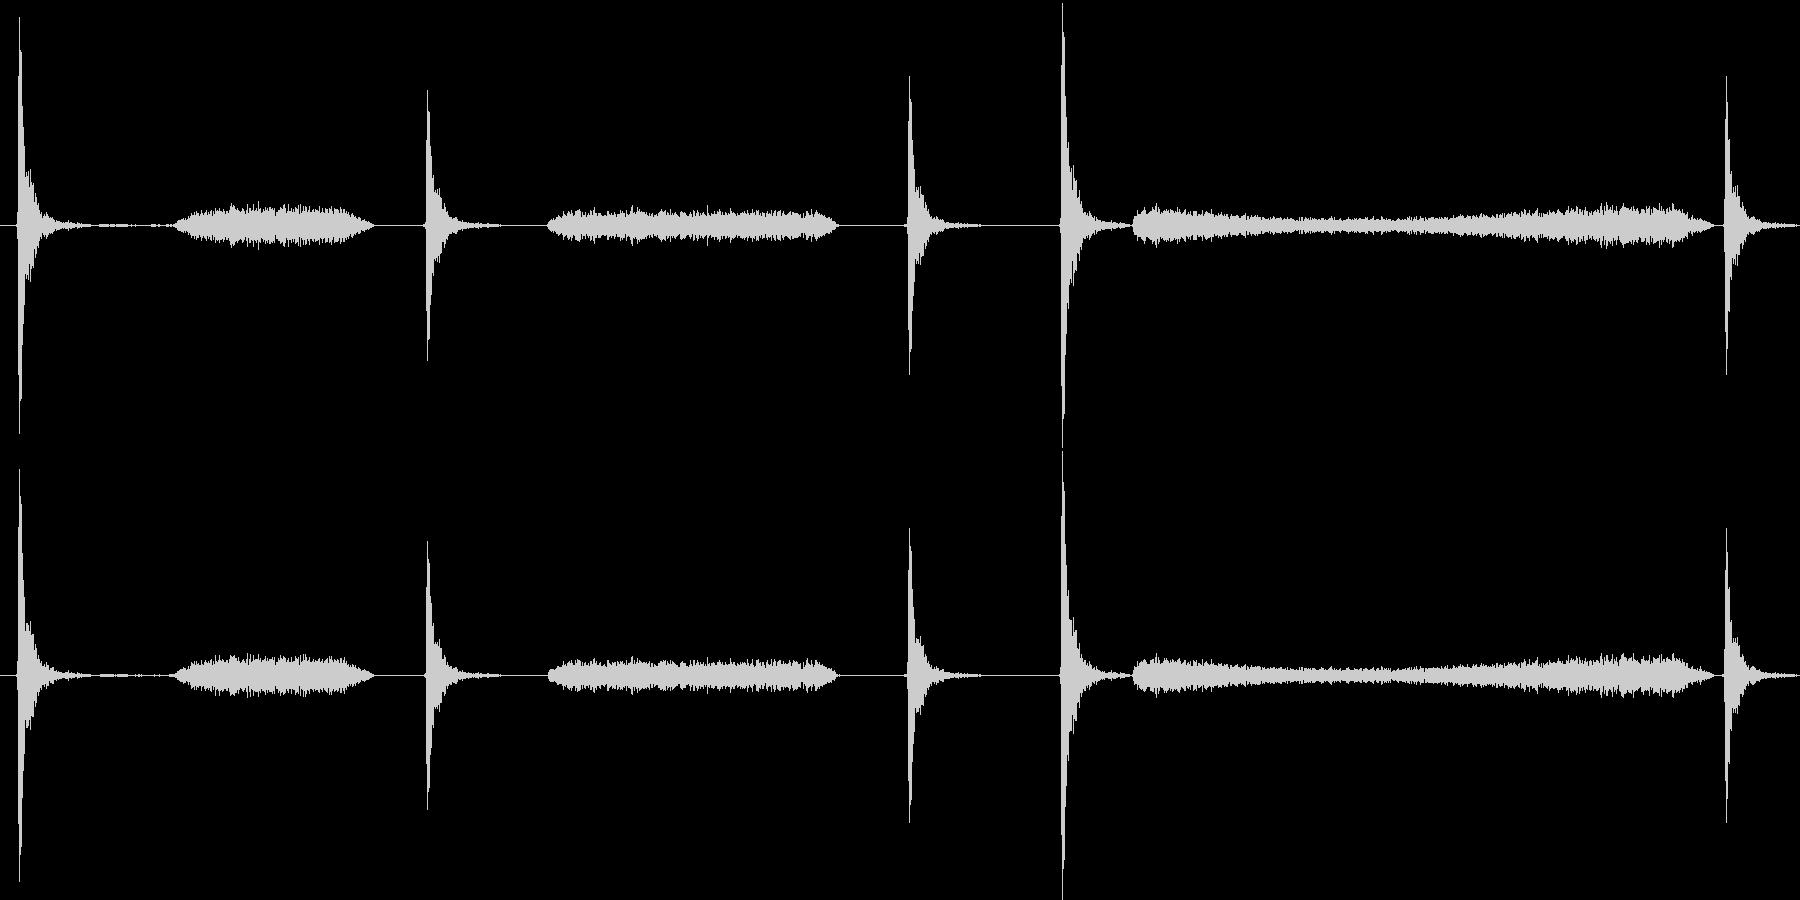 チョークで黒板に書く音の未再生の波形